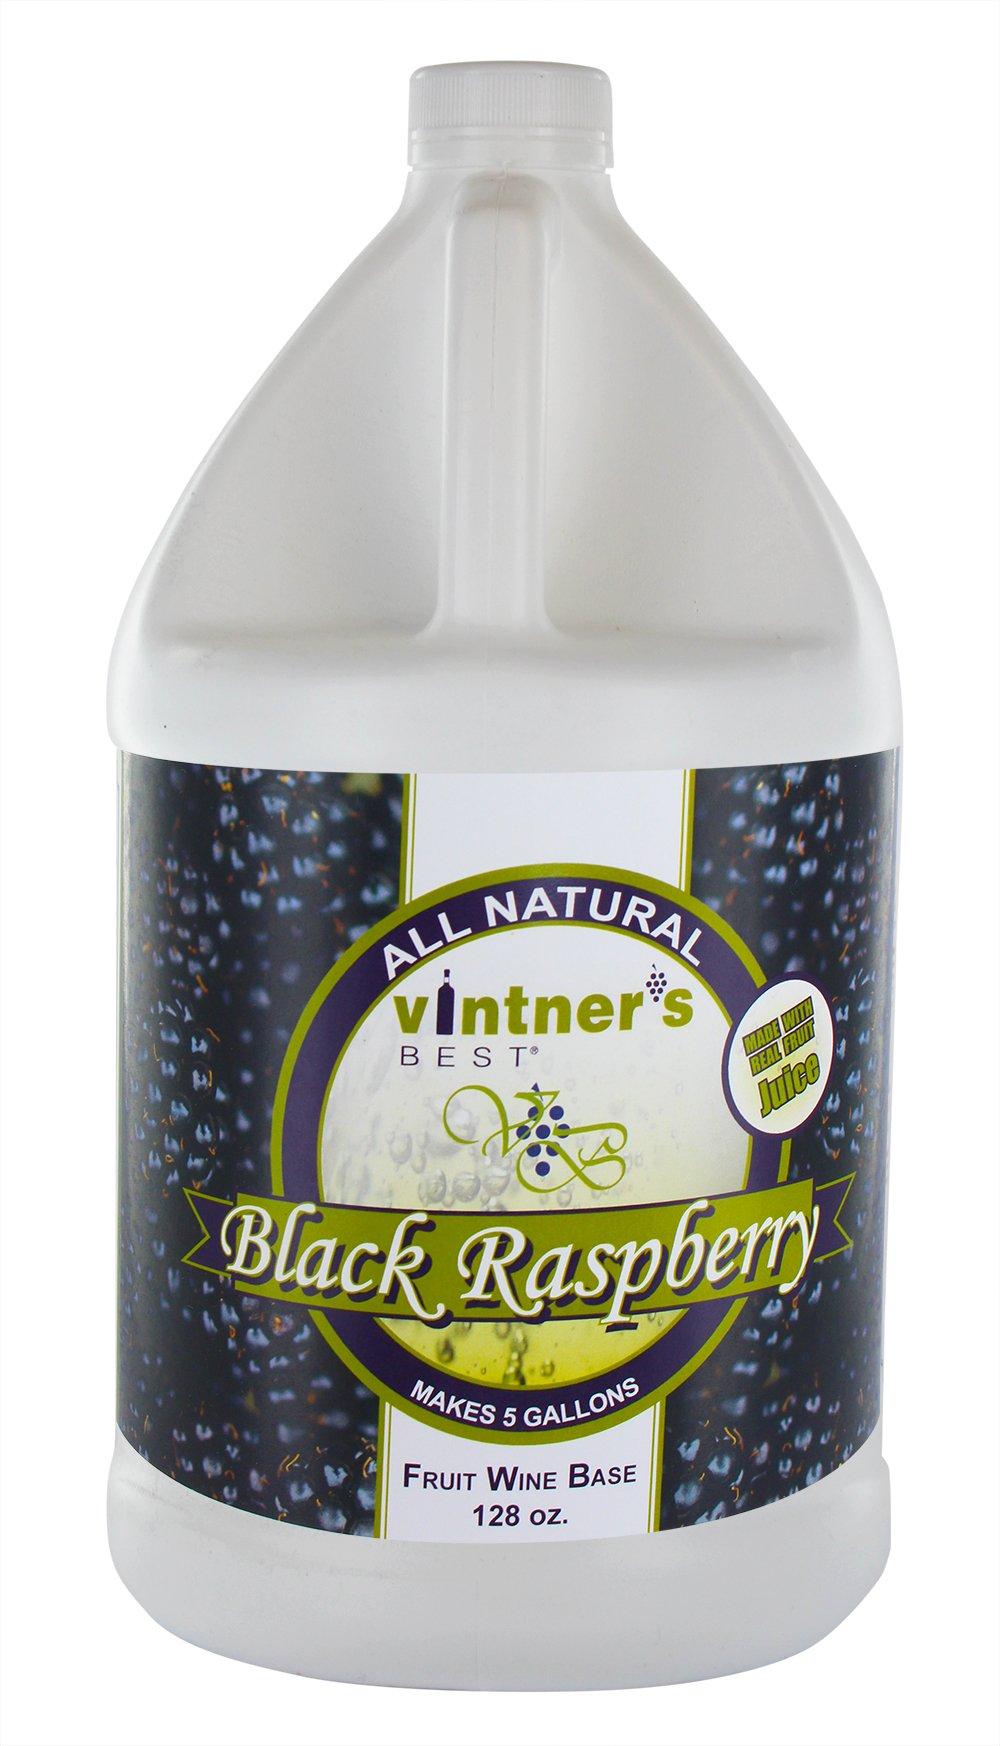 Vintner's Best Black Raspberry Fruit Wine Base - 128 oz (1 gallon)